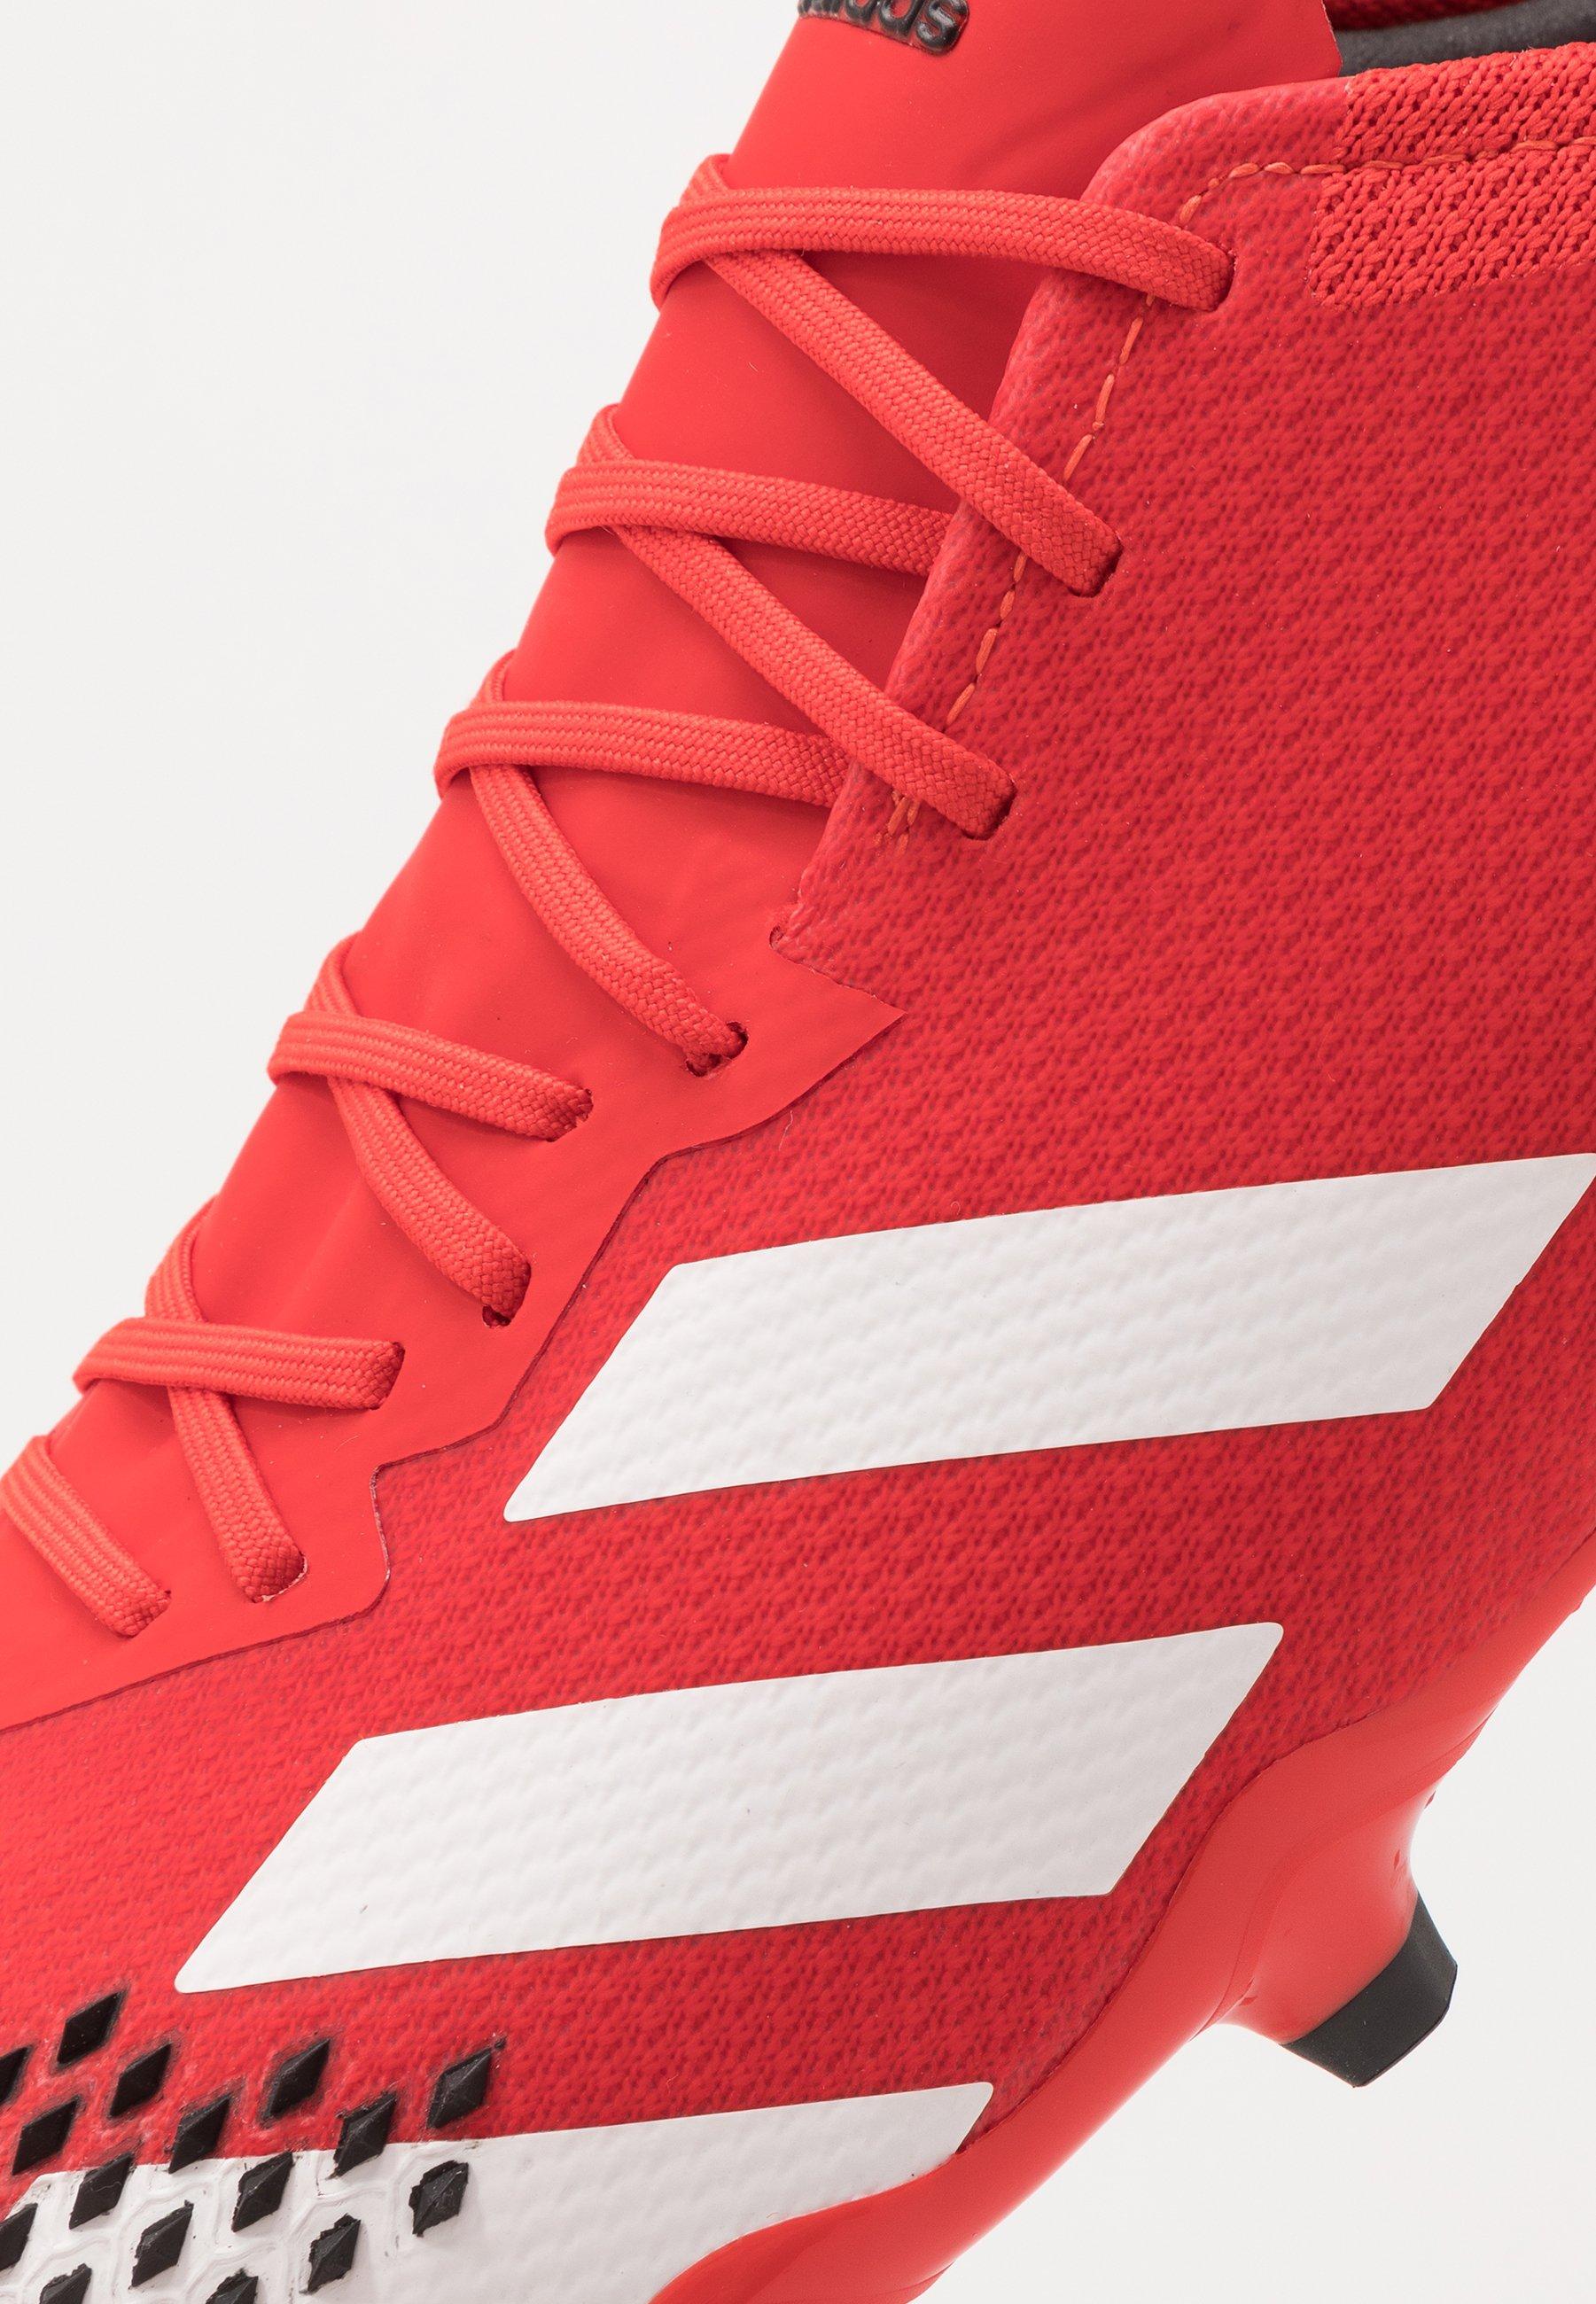 adidas Performance PREDATOR 20.2 FG - Scarpe da calcetto con tacchetti - active red/footwear white/core black